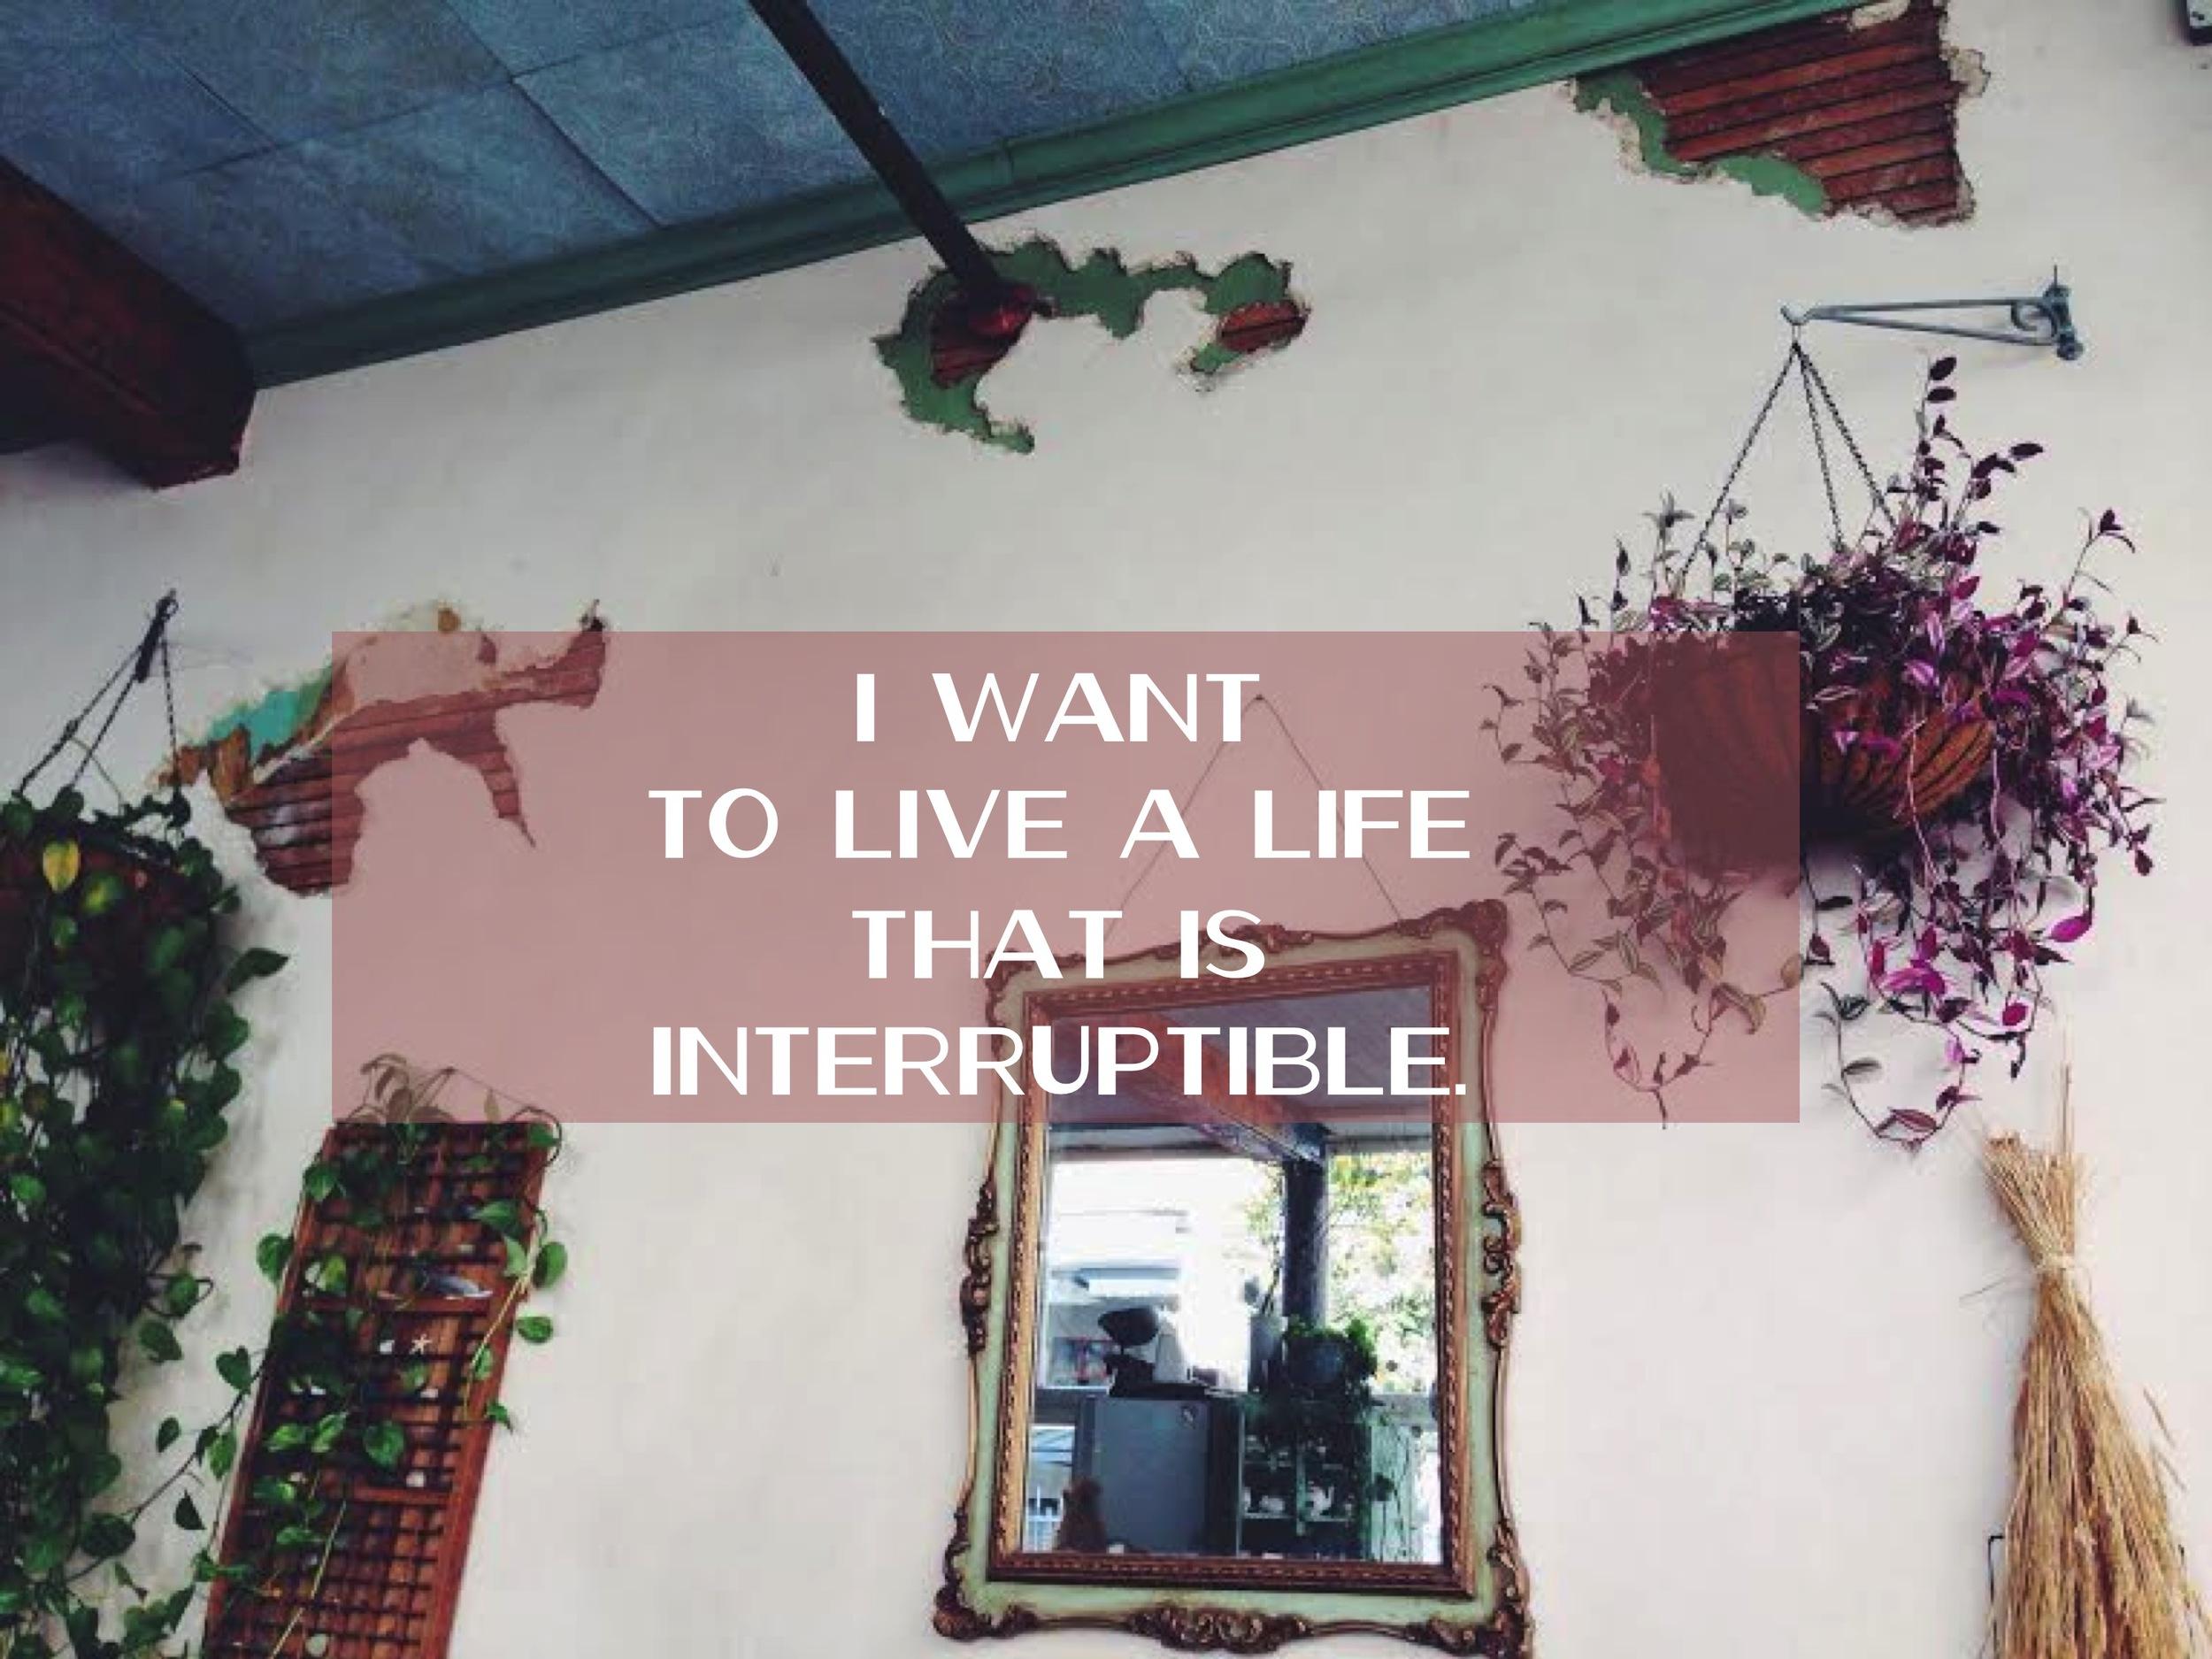 live interruptible nadinewouldsay